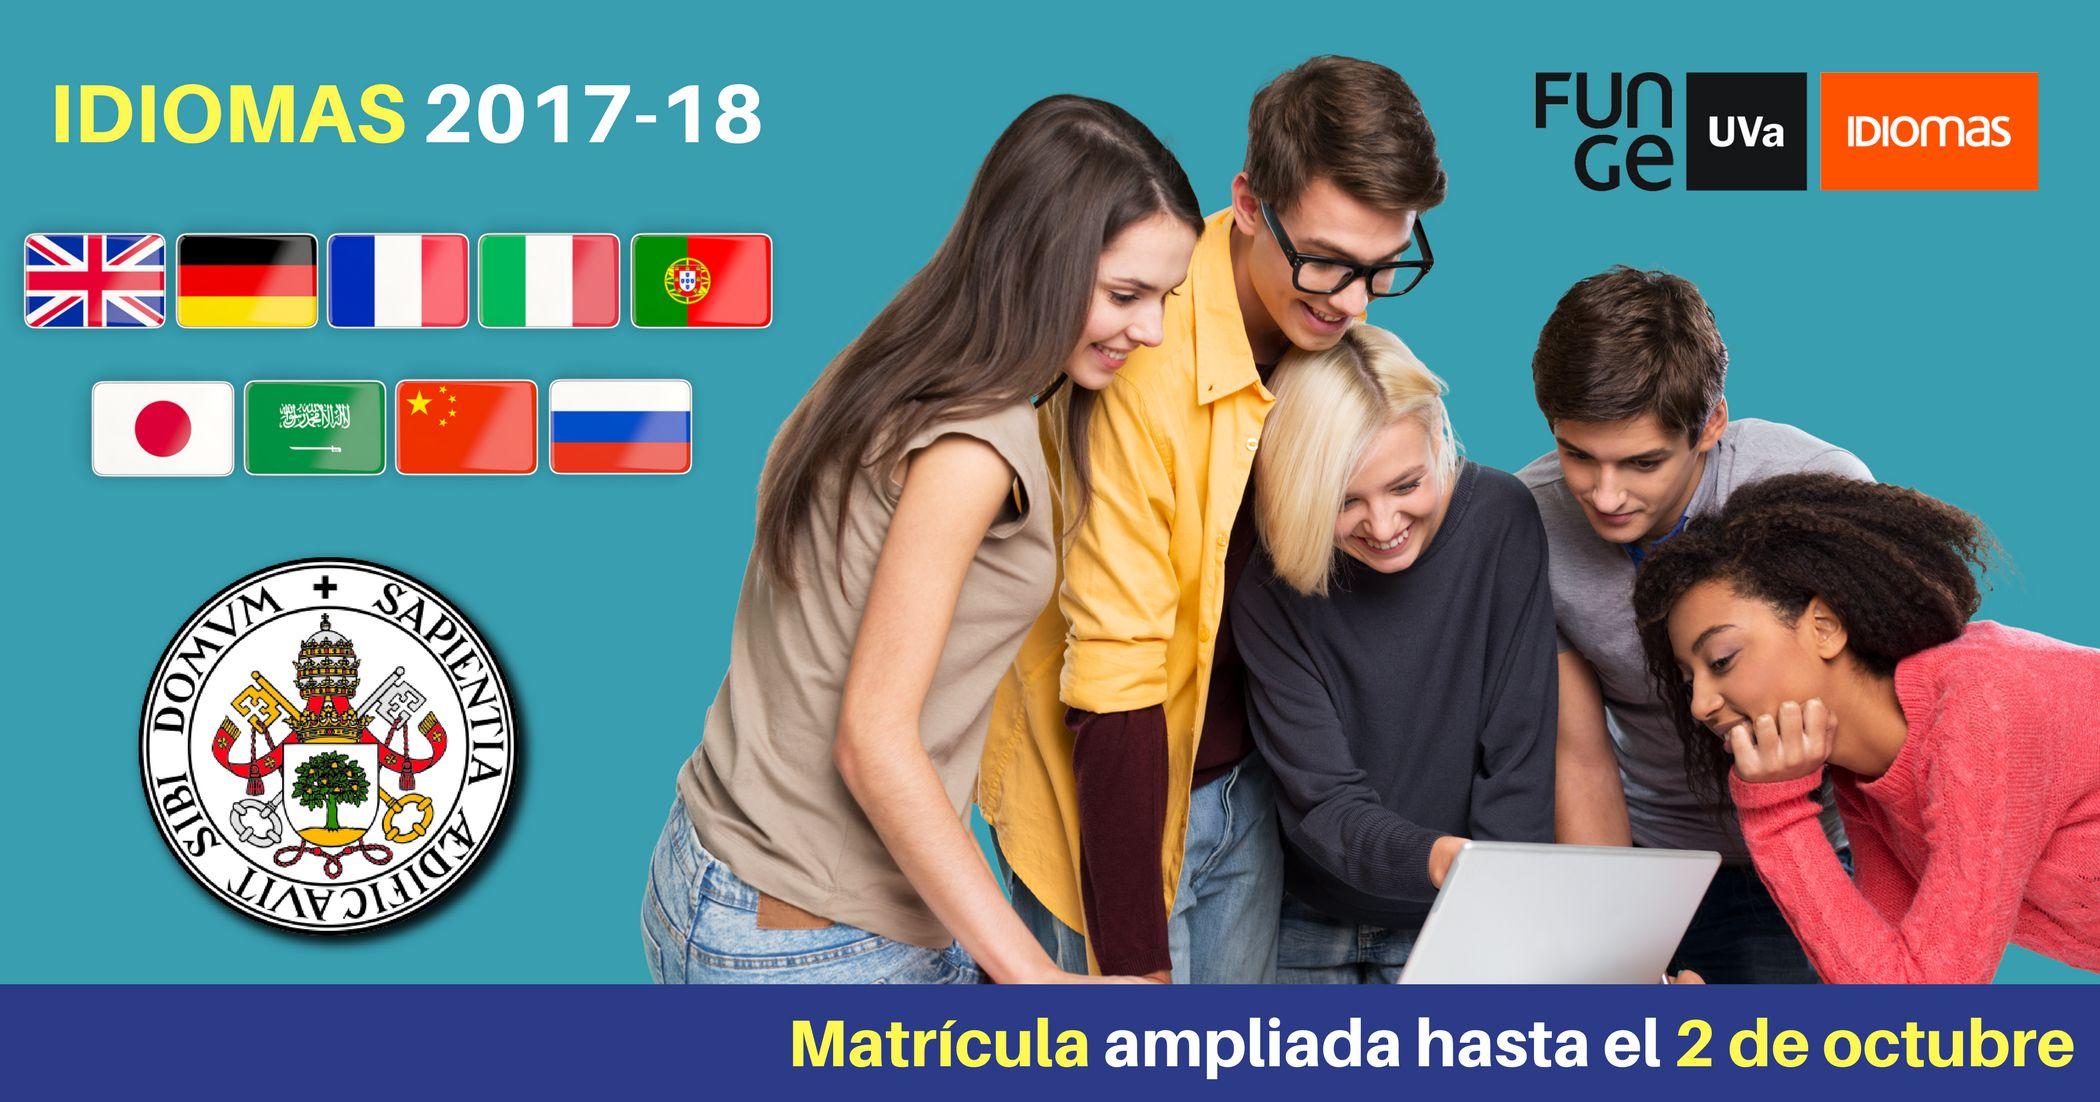 Ampliación matrícula Idiomas UVa 2017 2018